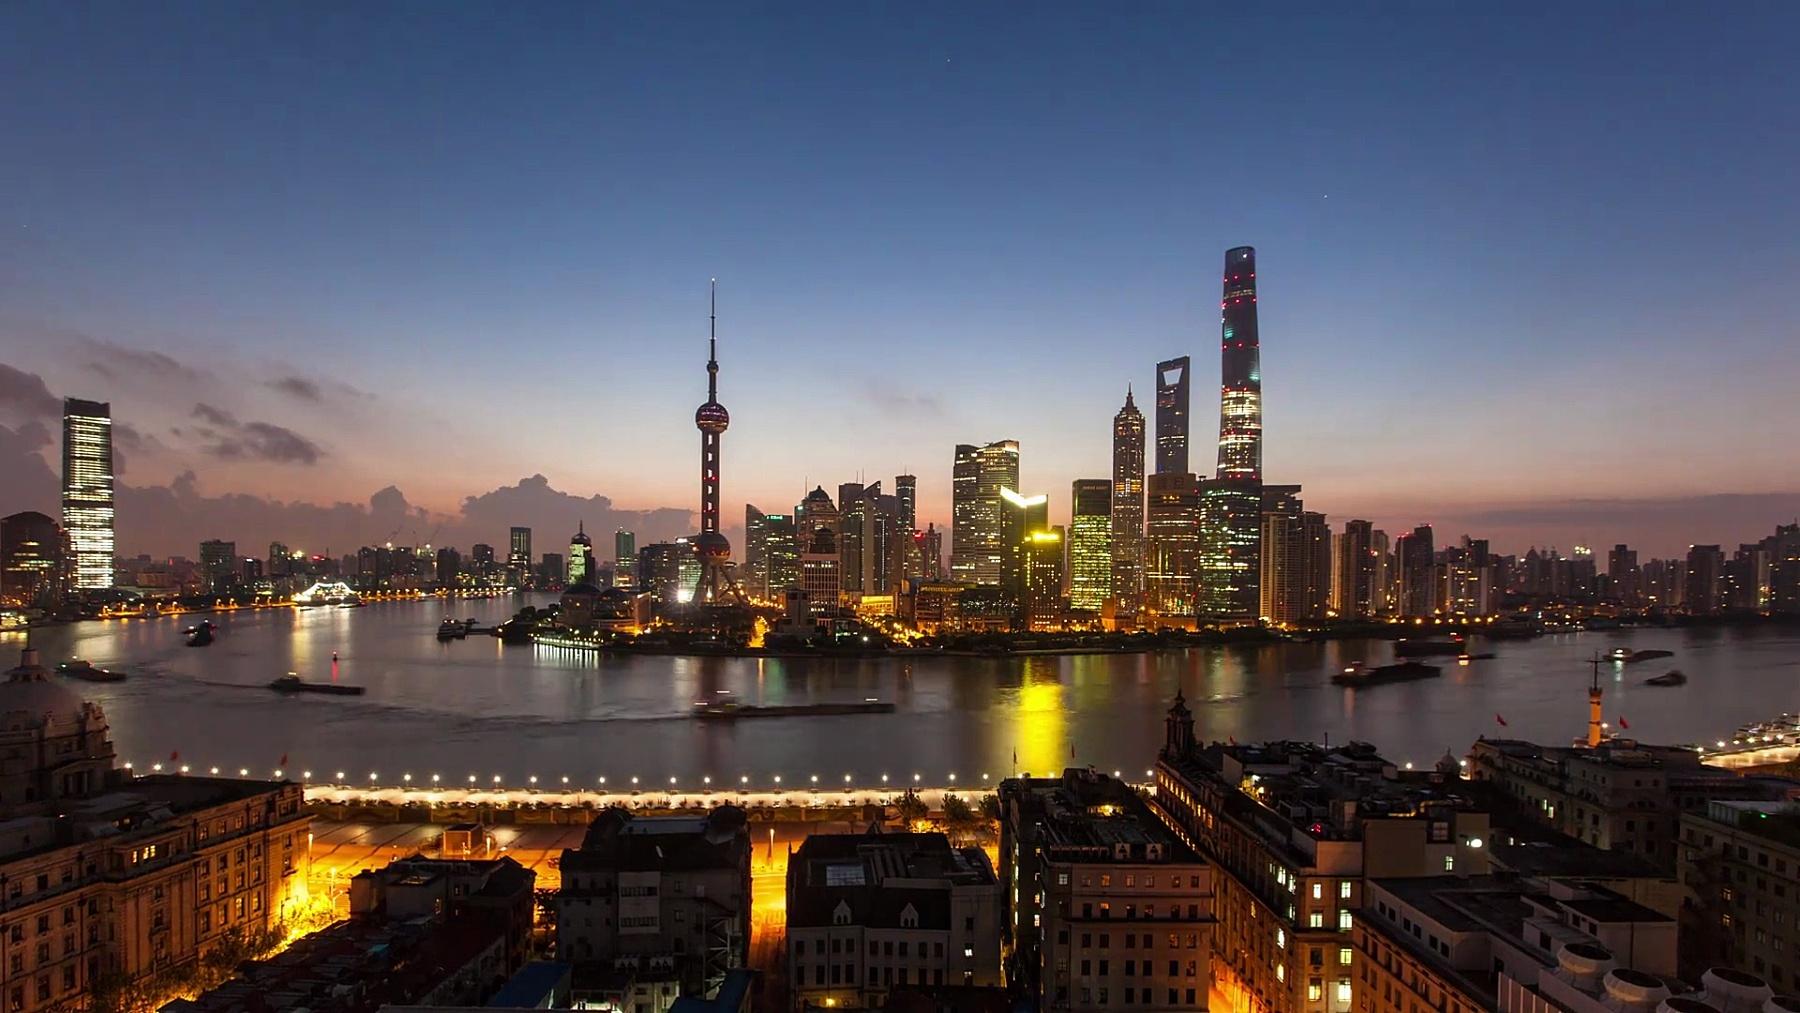 上海城市景观  Timelapse,日出